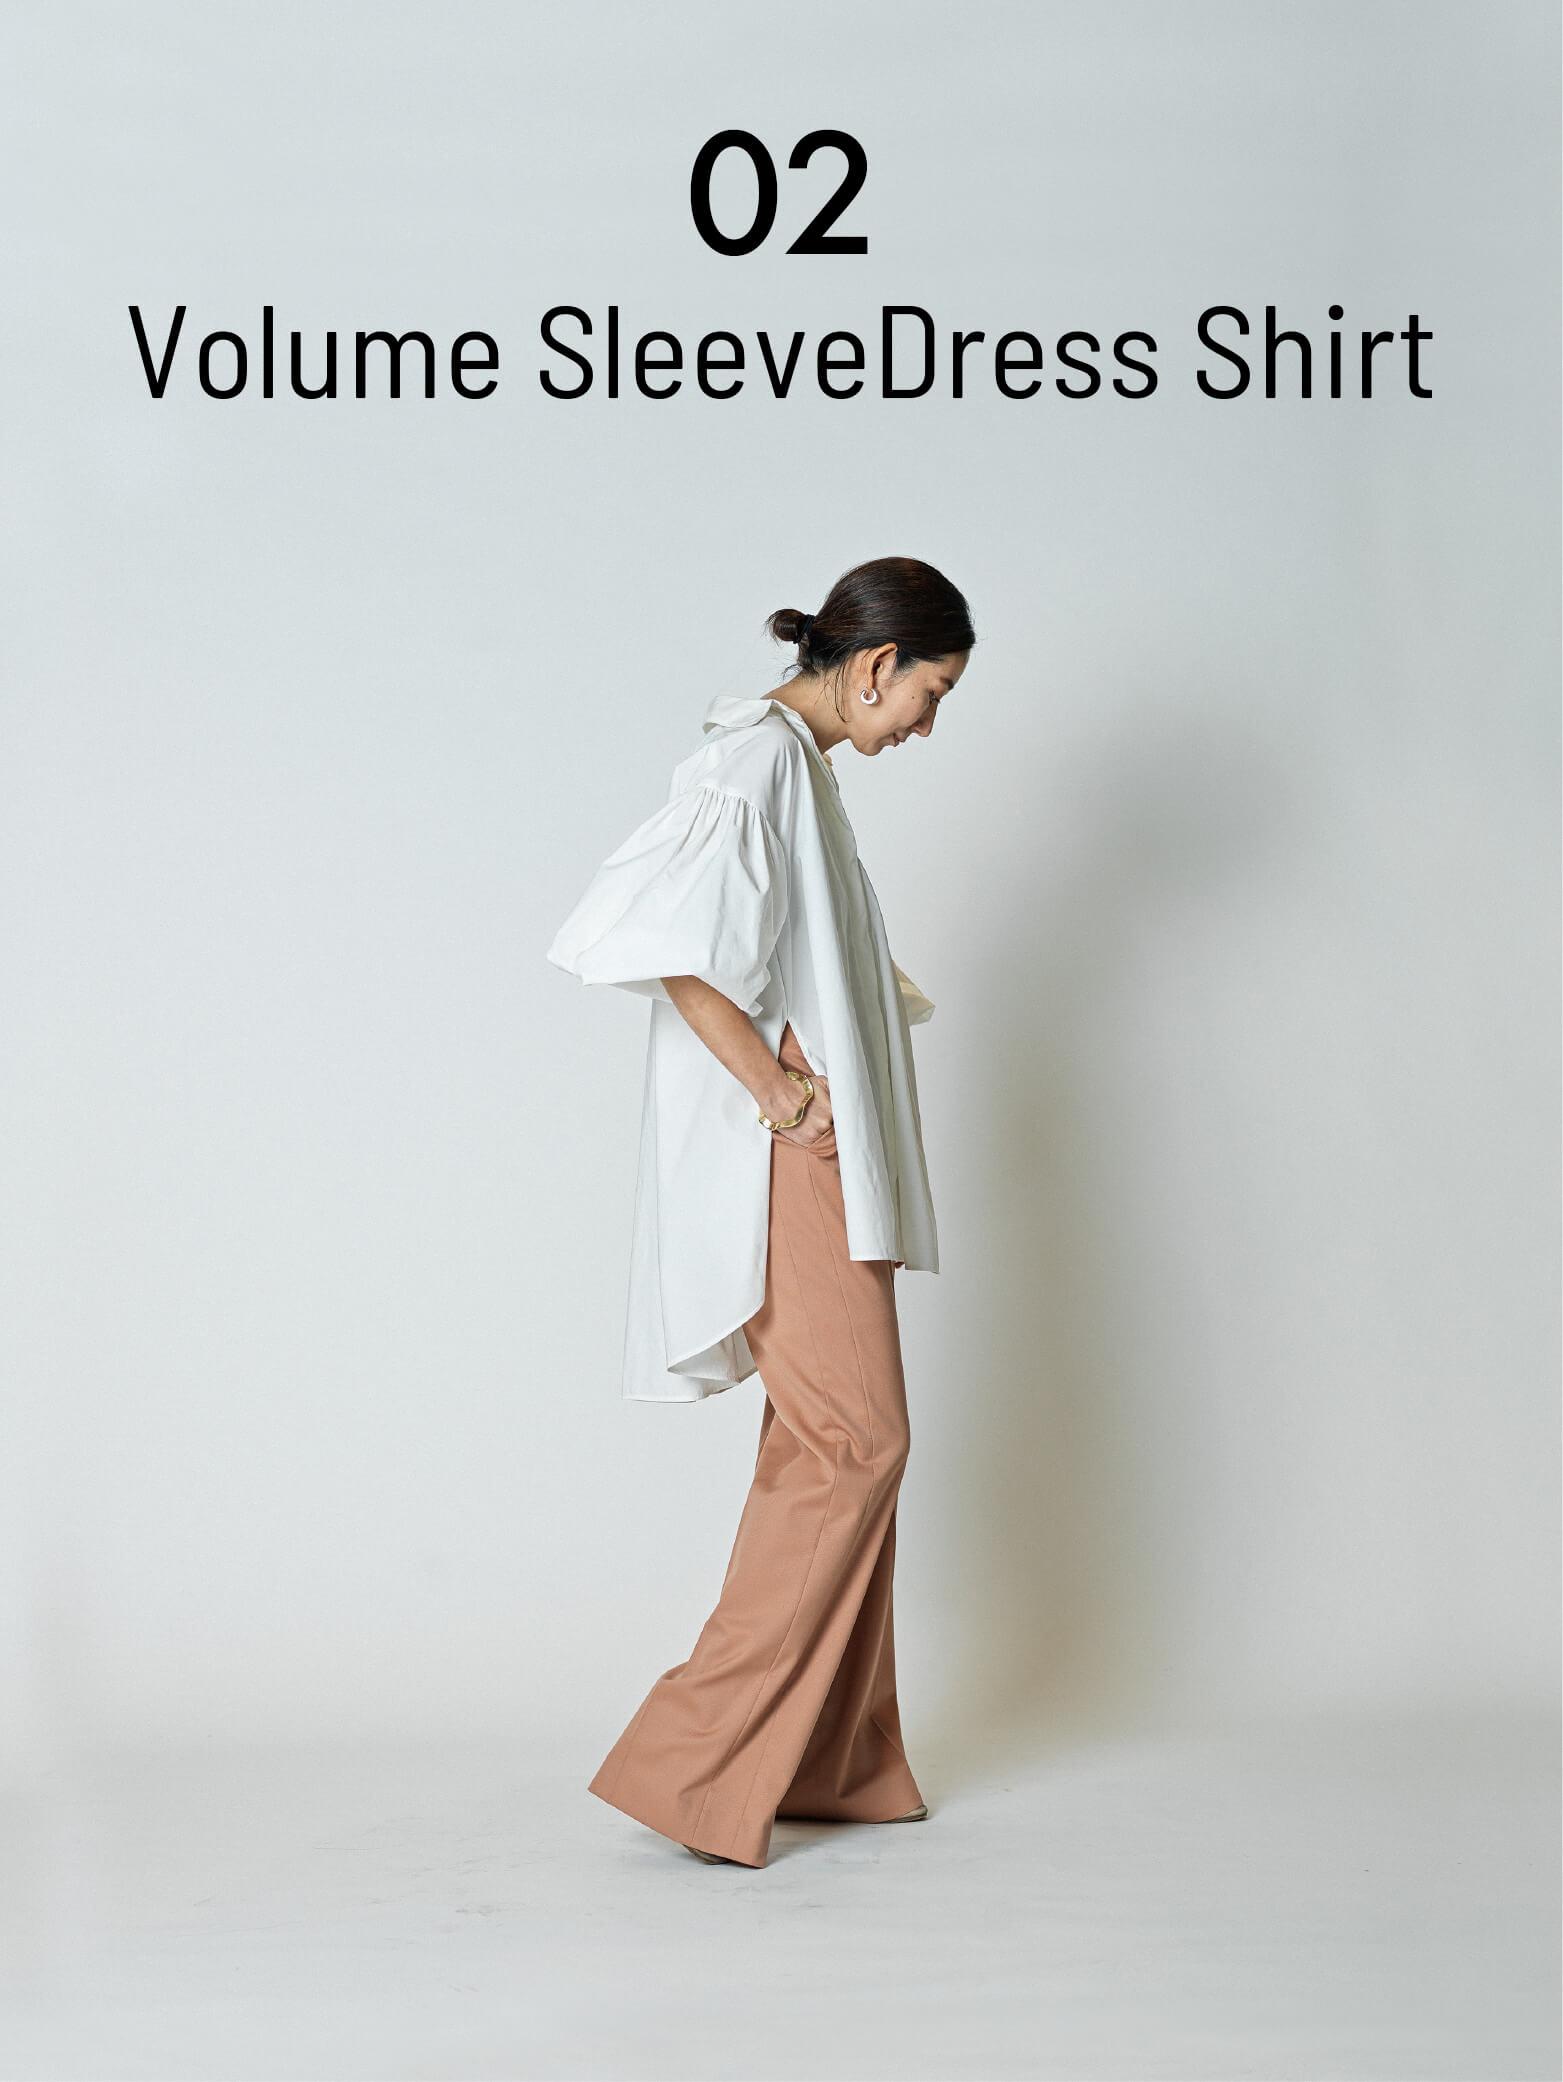 02 Volume SleeveDress Shirt